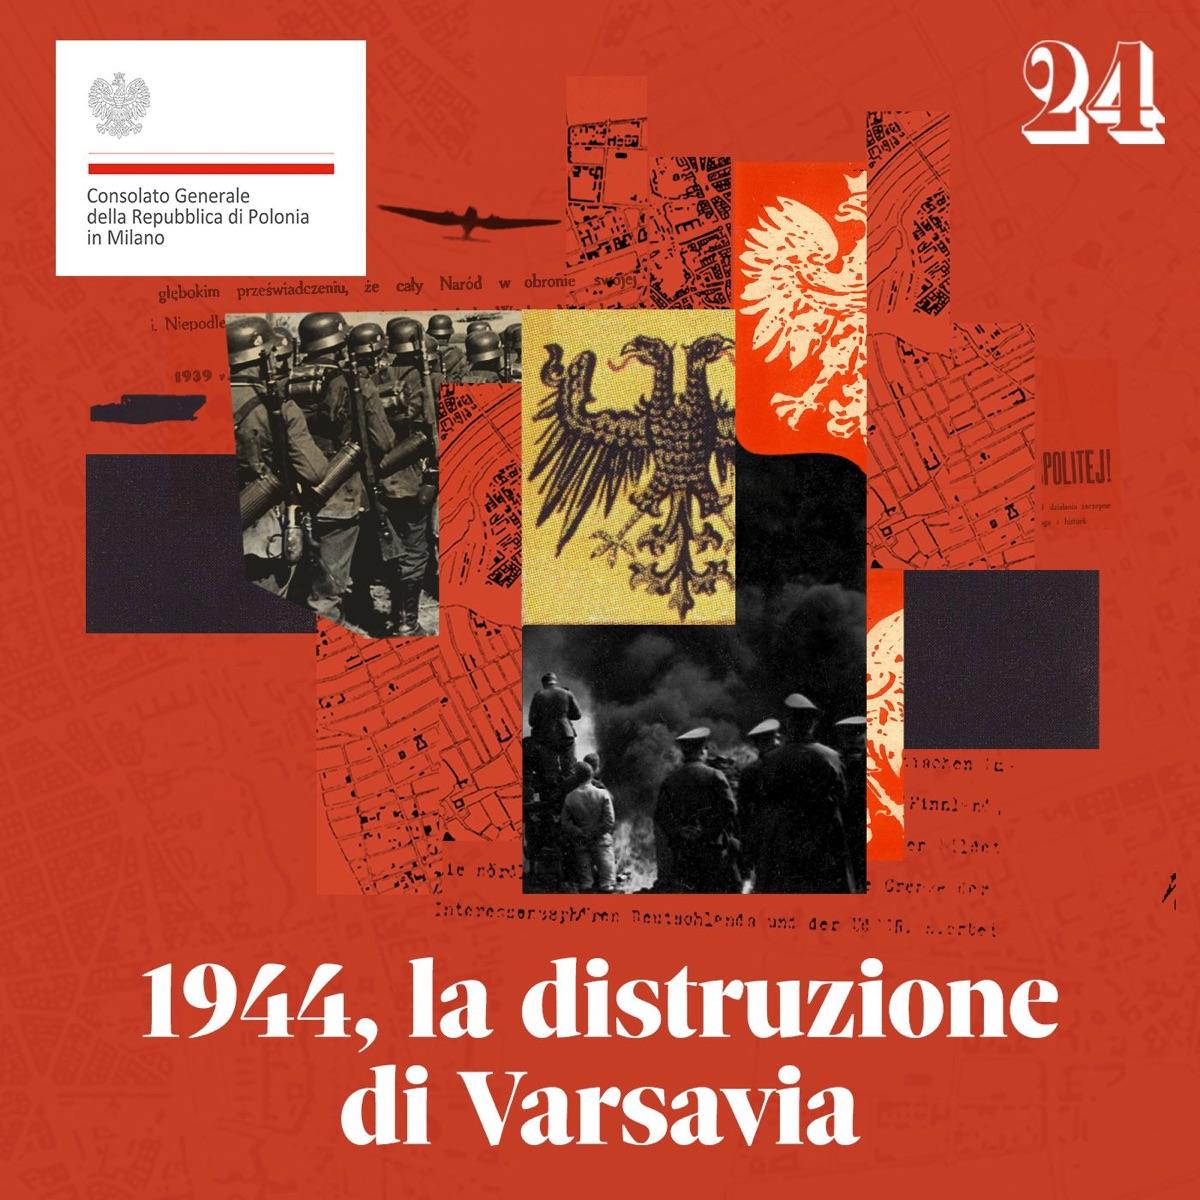 1944, la distruzione di Varsavia